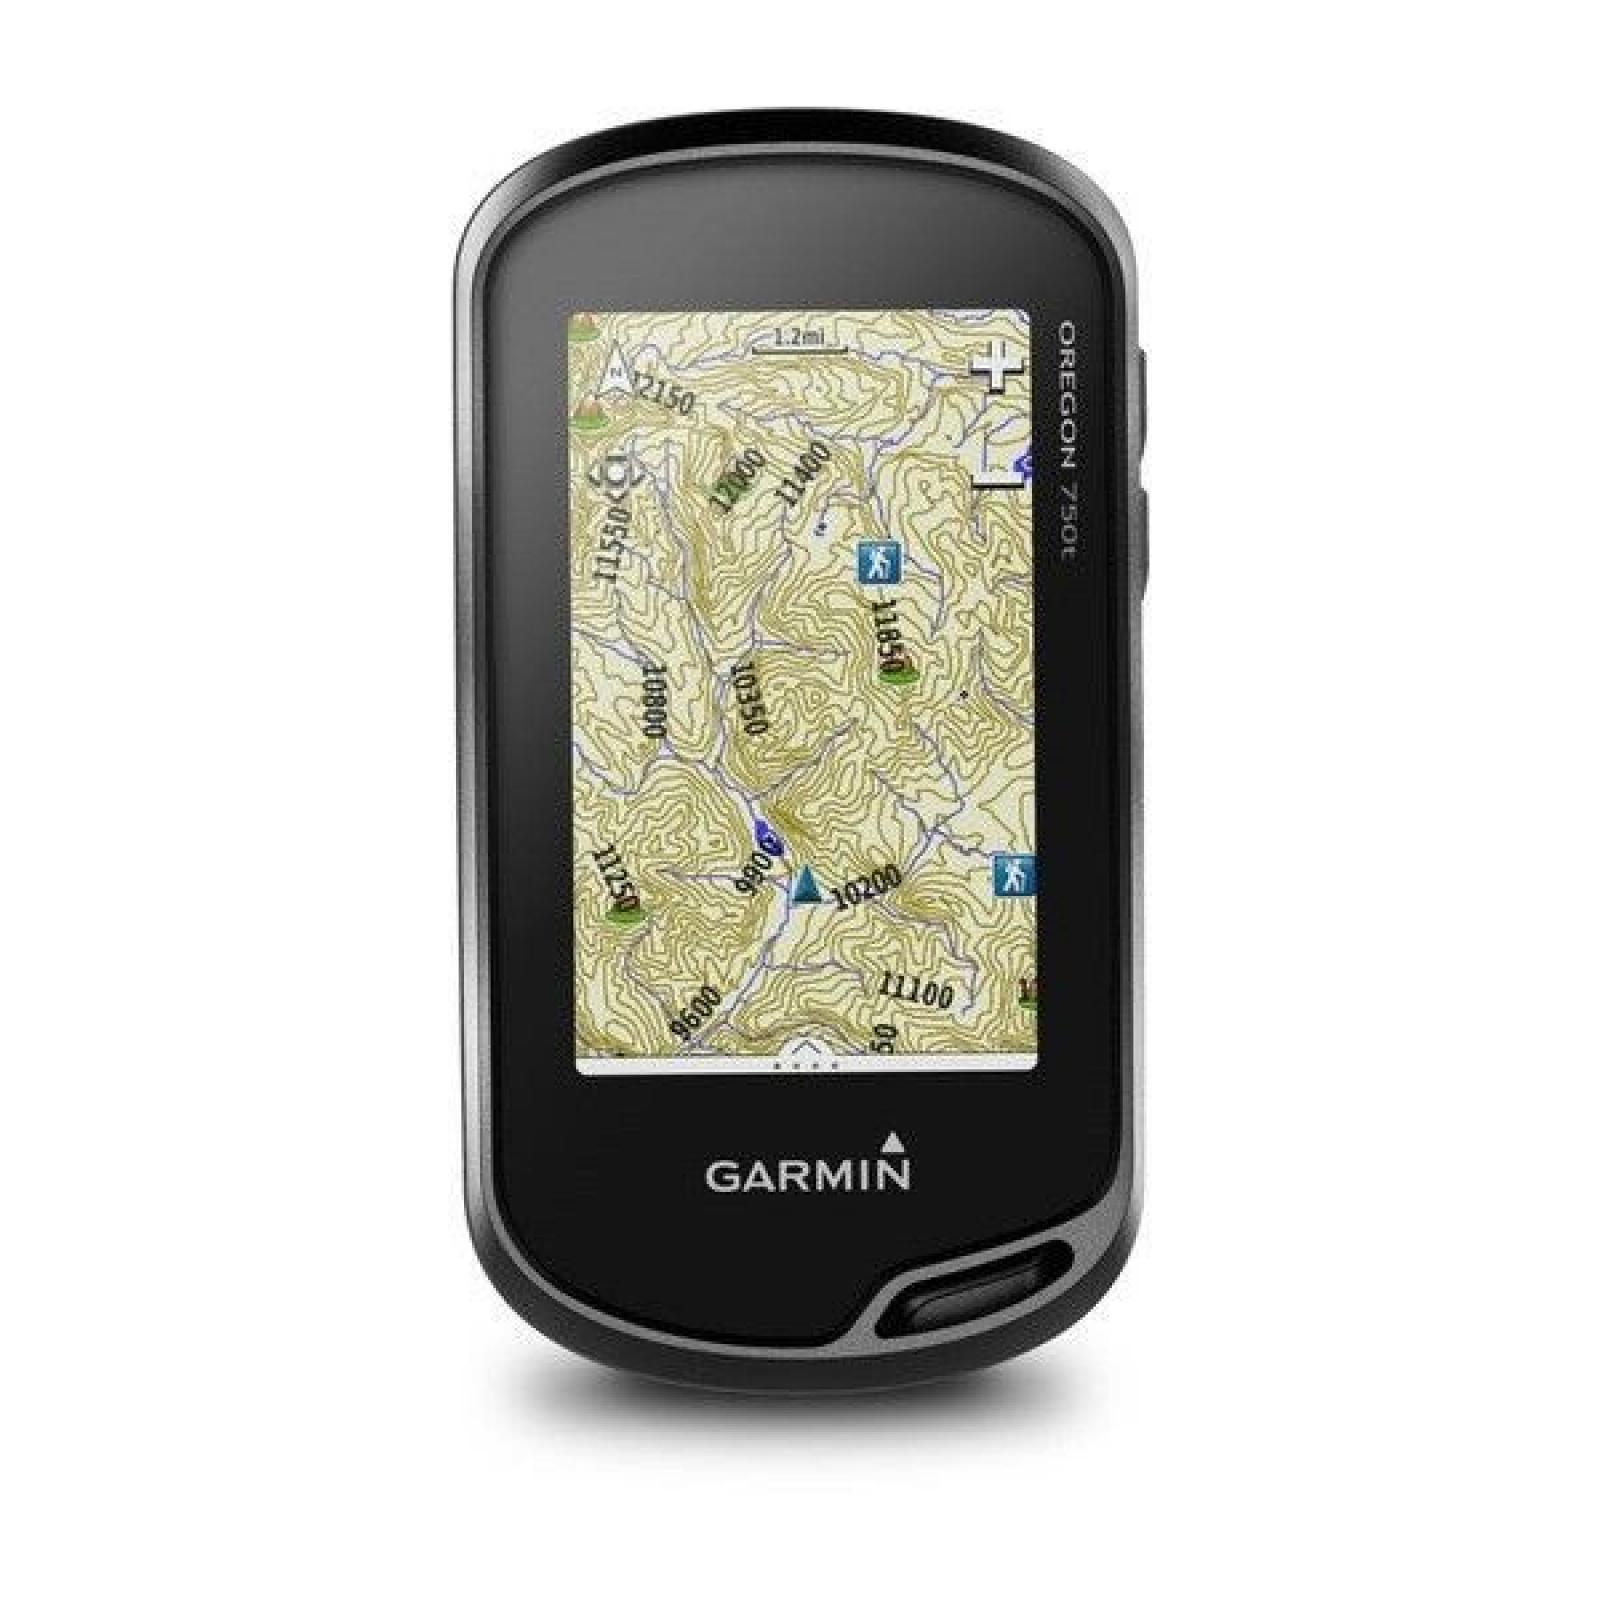 https://www.badec.store/produkty_img/garmin-oregon-750t-pro1603360474L.jpg